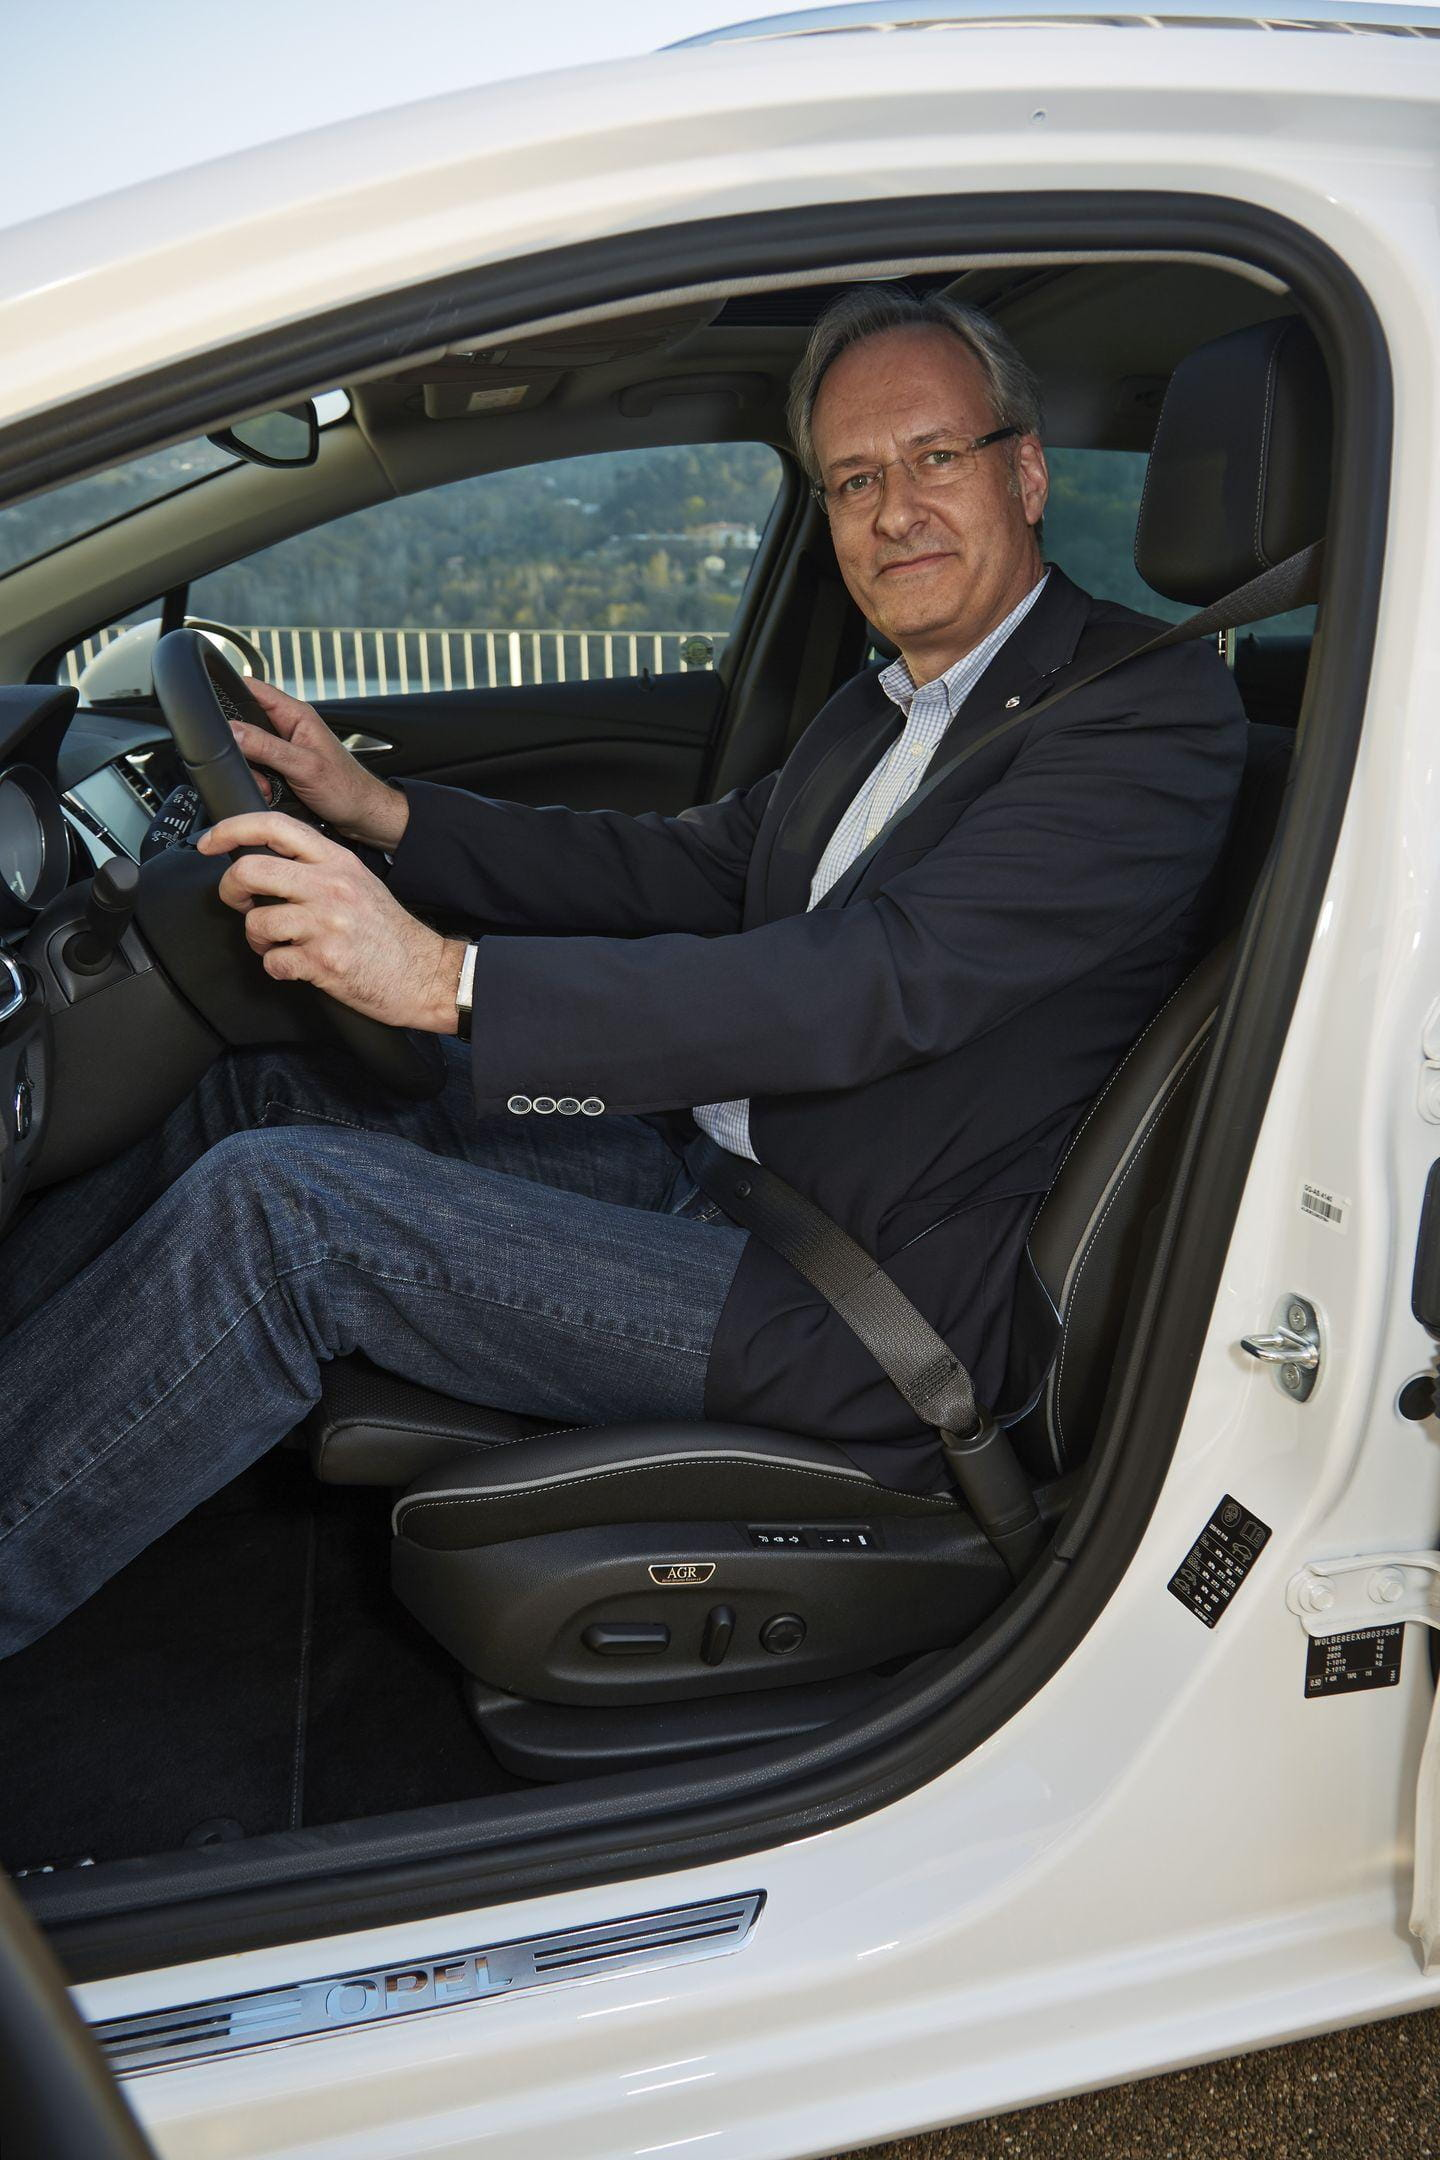 5 curiosidades que cambiarán tu visión de los asientos del nuevo Opel Astra...by Diariomotor Asientos-opel-astra-5